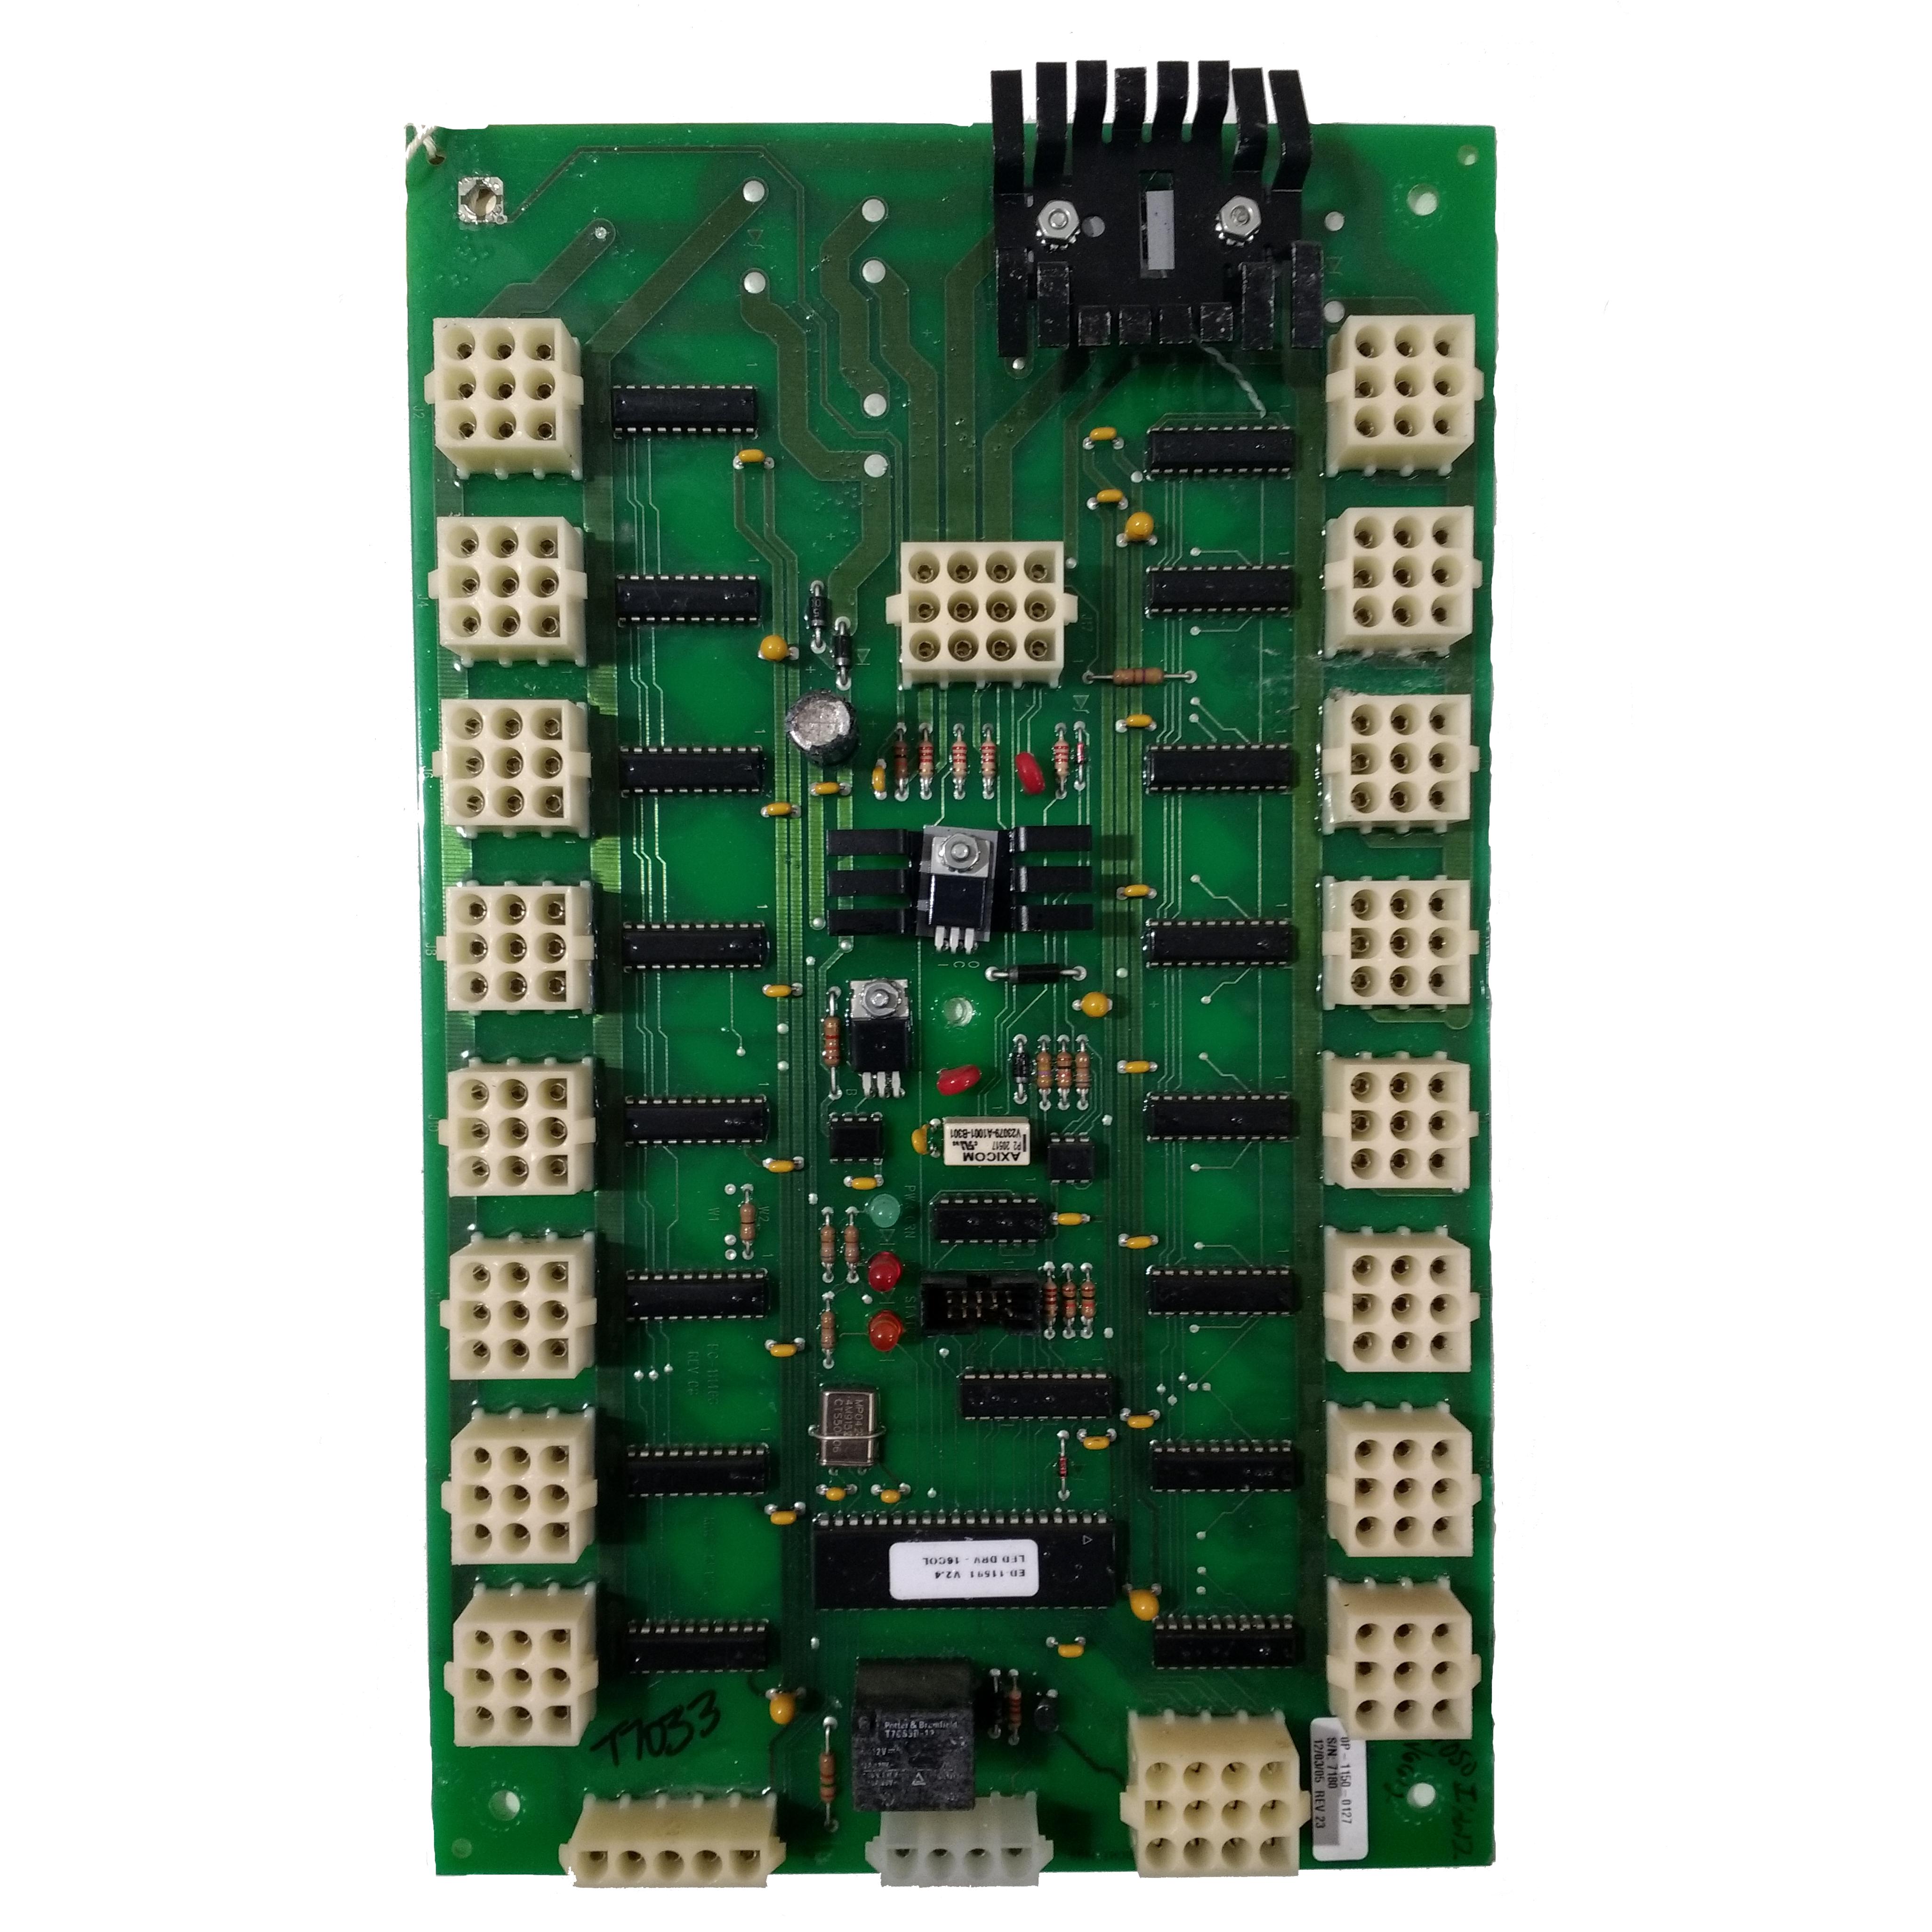 Daktronics-0P-1150-0127-LED-Driver